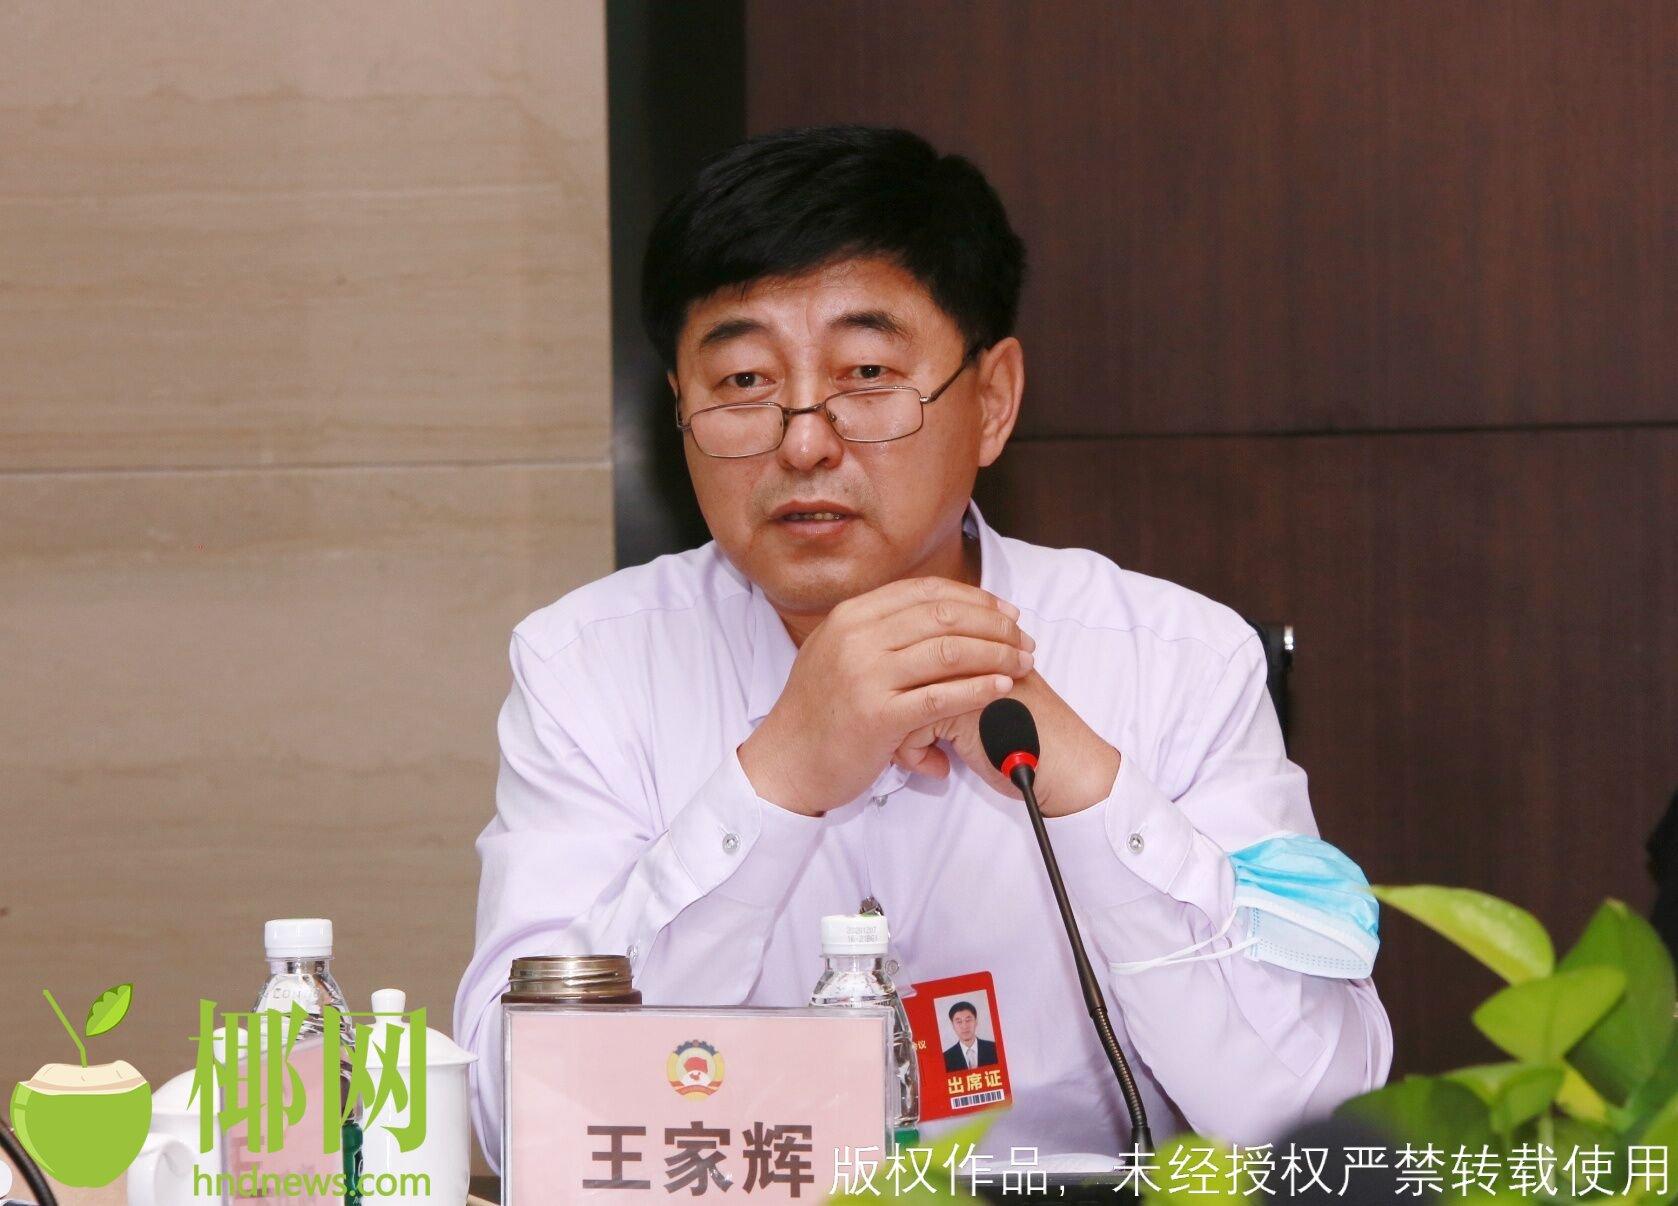 如何规范海南省民间医疗行为?省政协委员王家辉提出3点建议